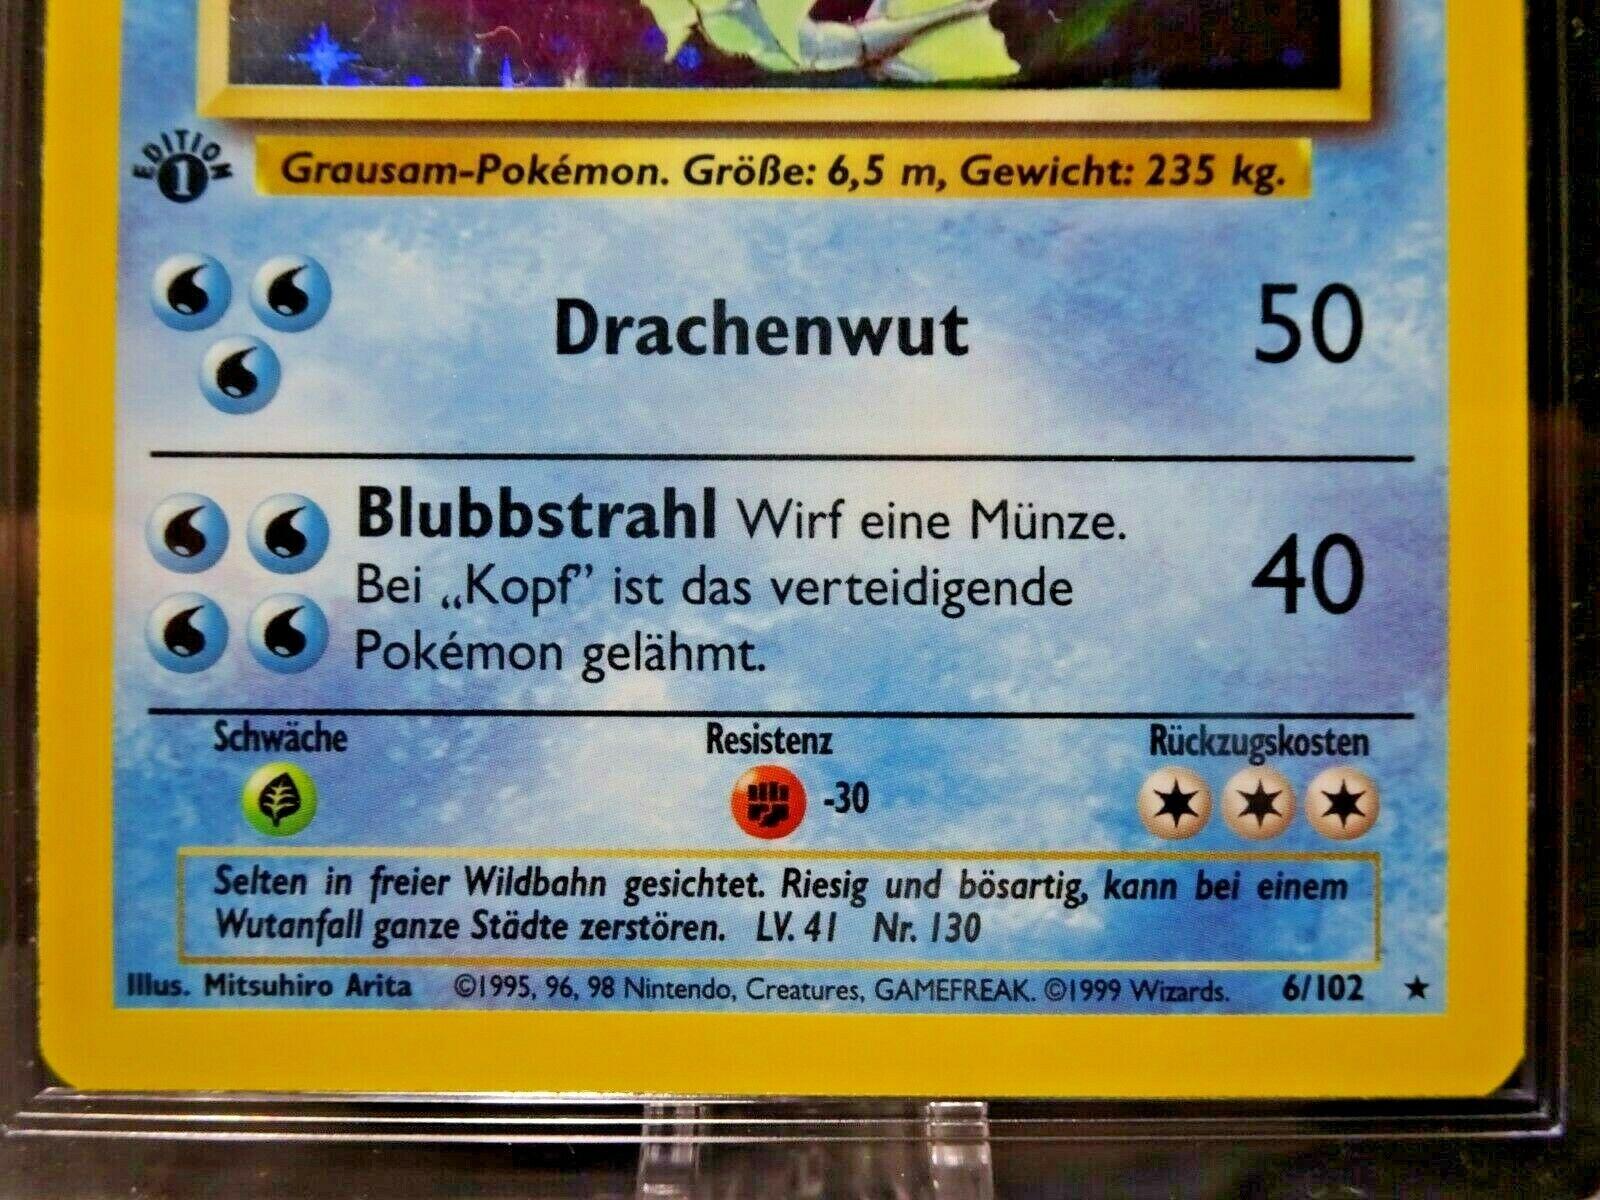 1999 GERMAN GYARADOS GARADOS Base Set 1ST EDITION Holo Rare Pokemon 6/102 CGC 9 - Image 3